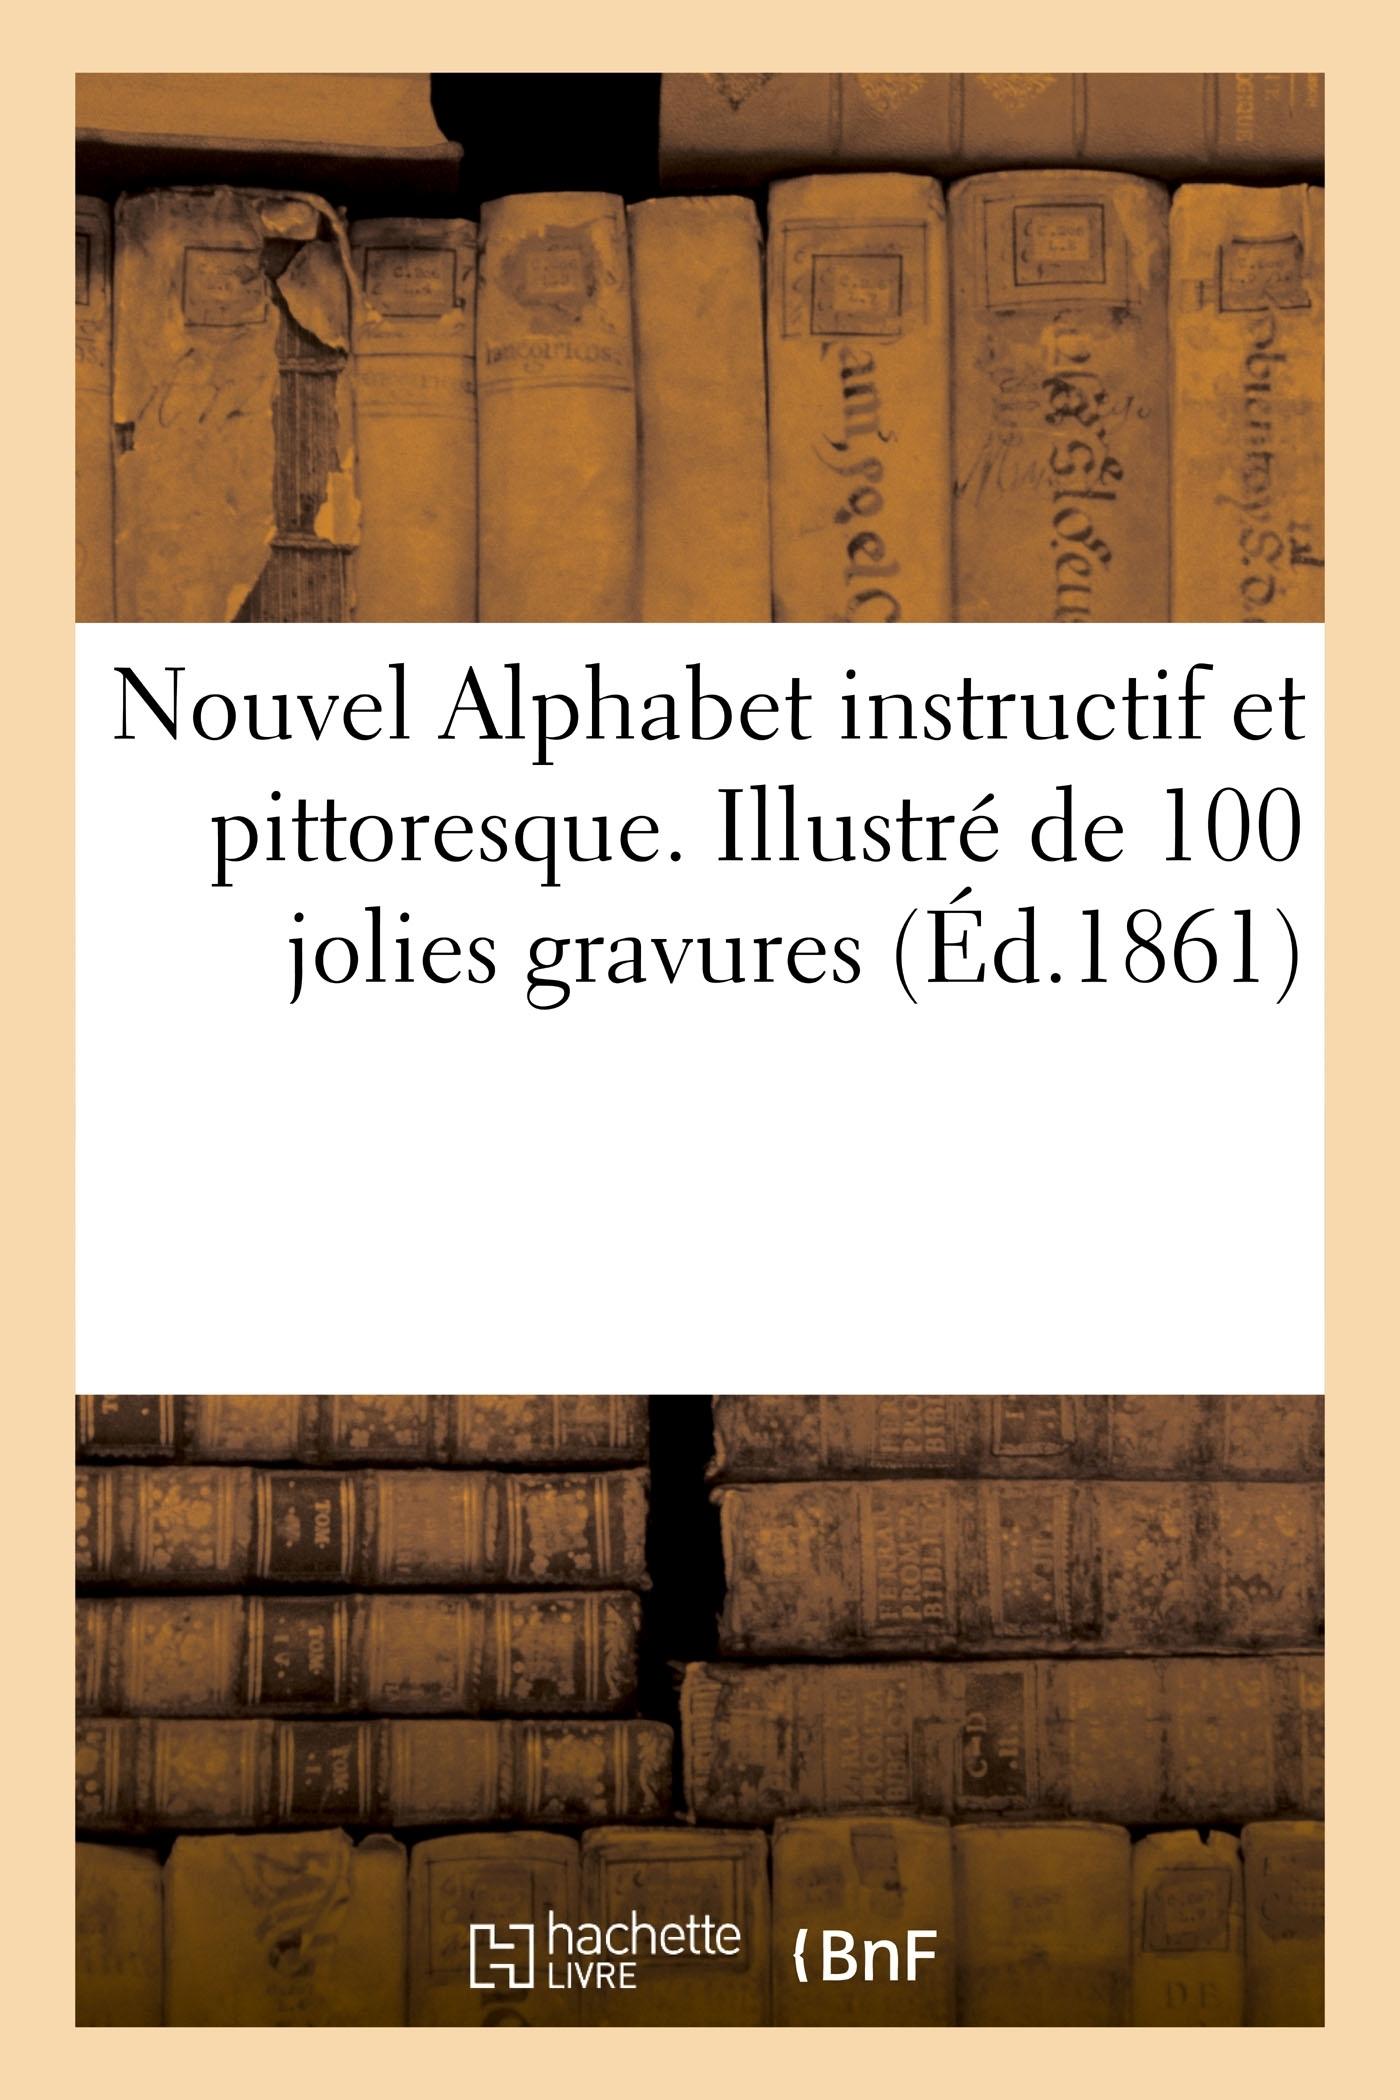 NOUVEL ALPHABET INSTRUCTIF ET PITTORESQUE. ILLUSTRE DE 100 JOLIES GRAVURES